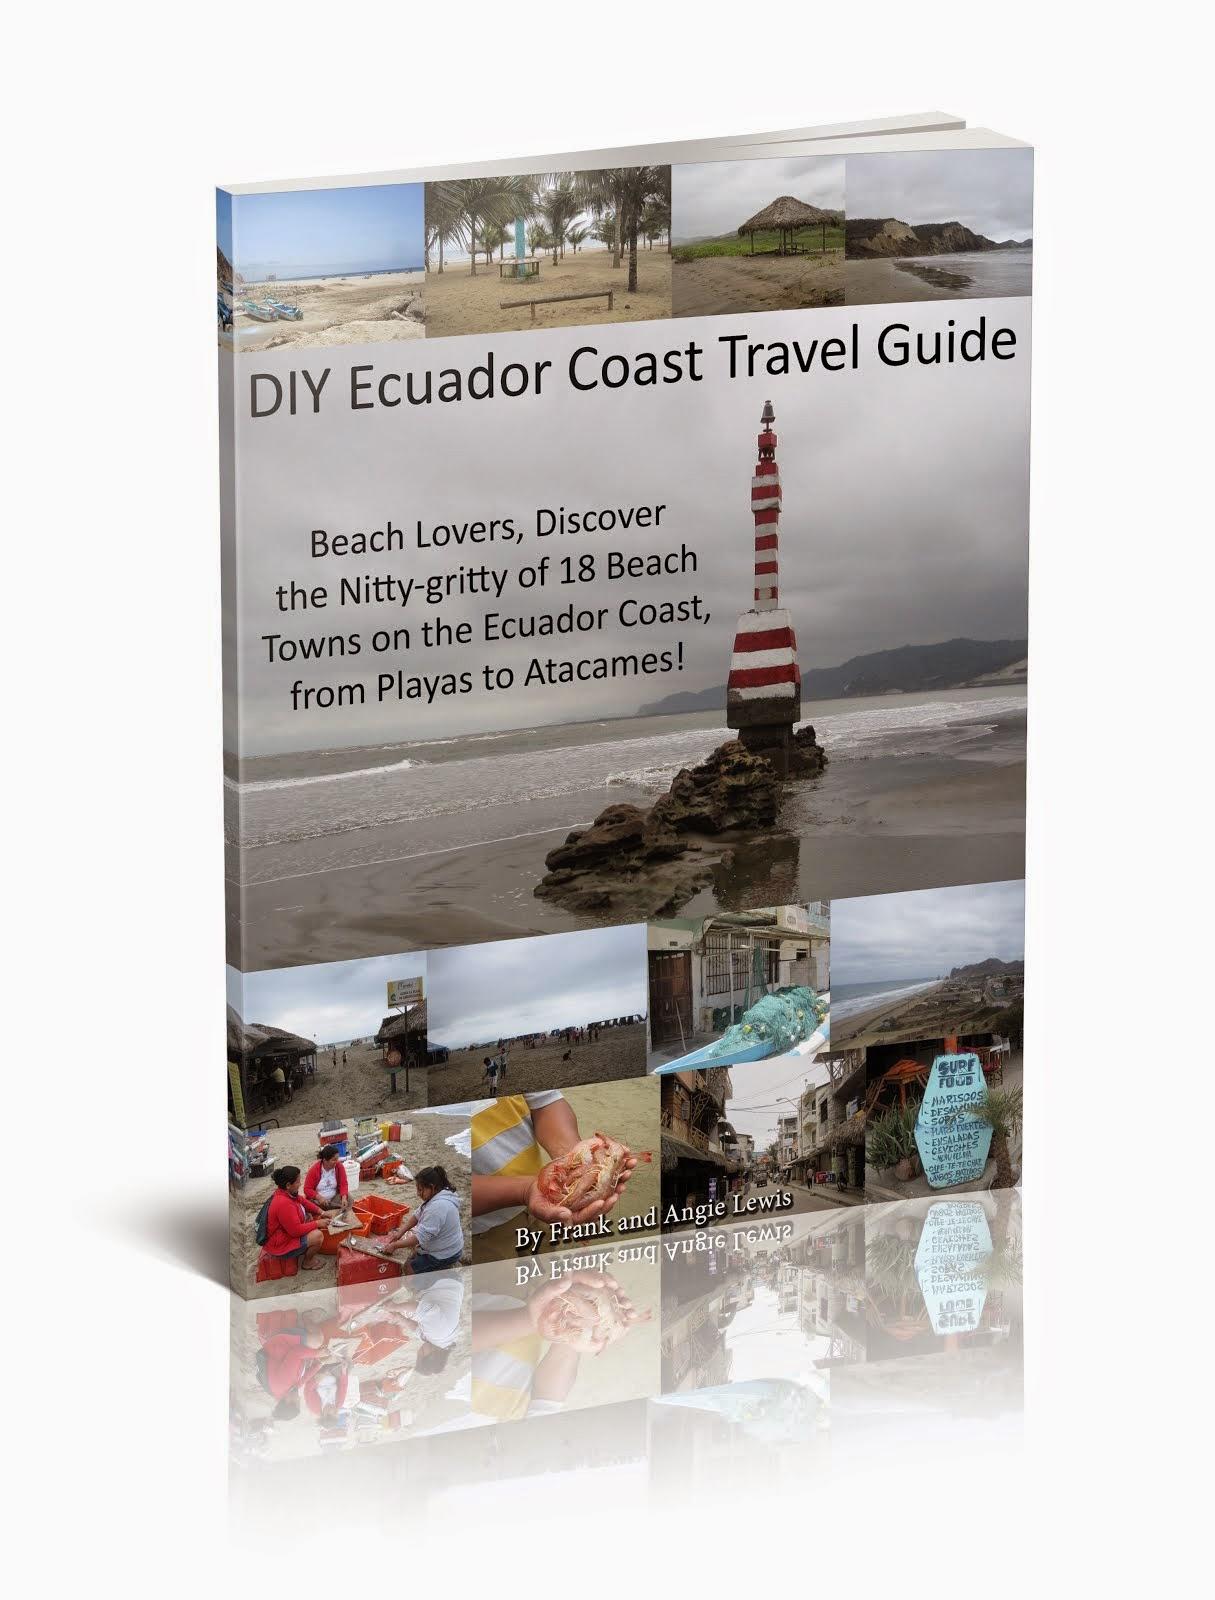 http://www.discovercuencaecuador.com/p/diy-ecuador-coast-travel-guide.html